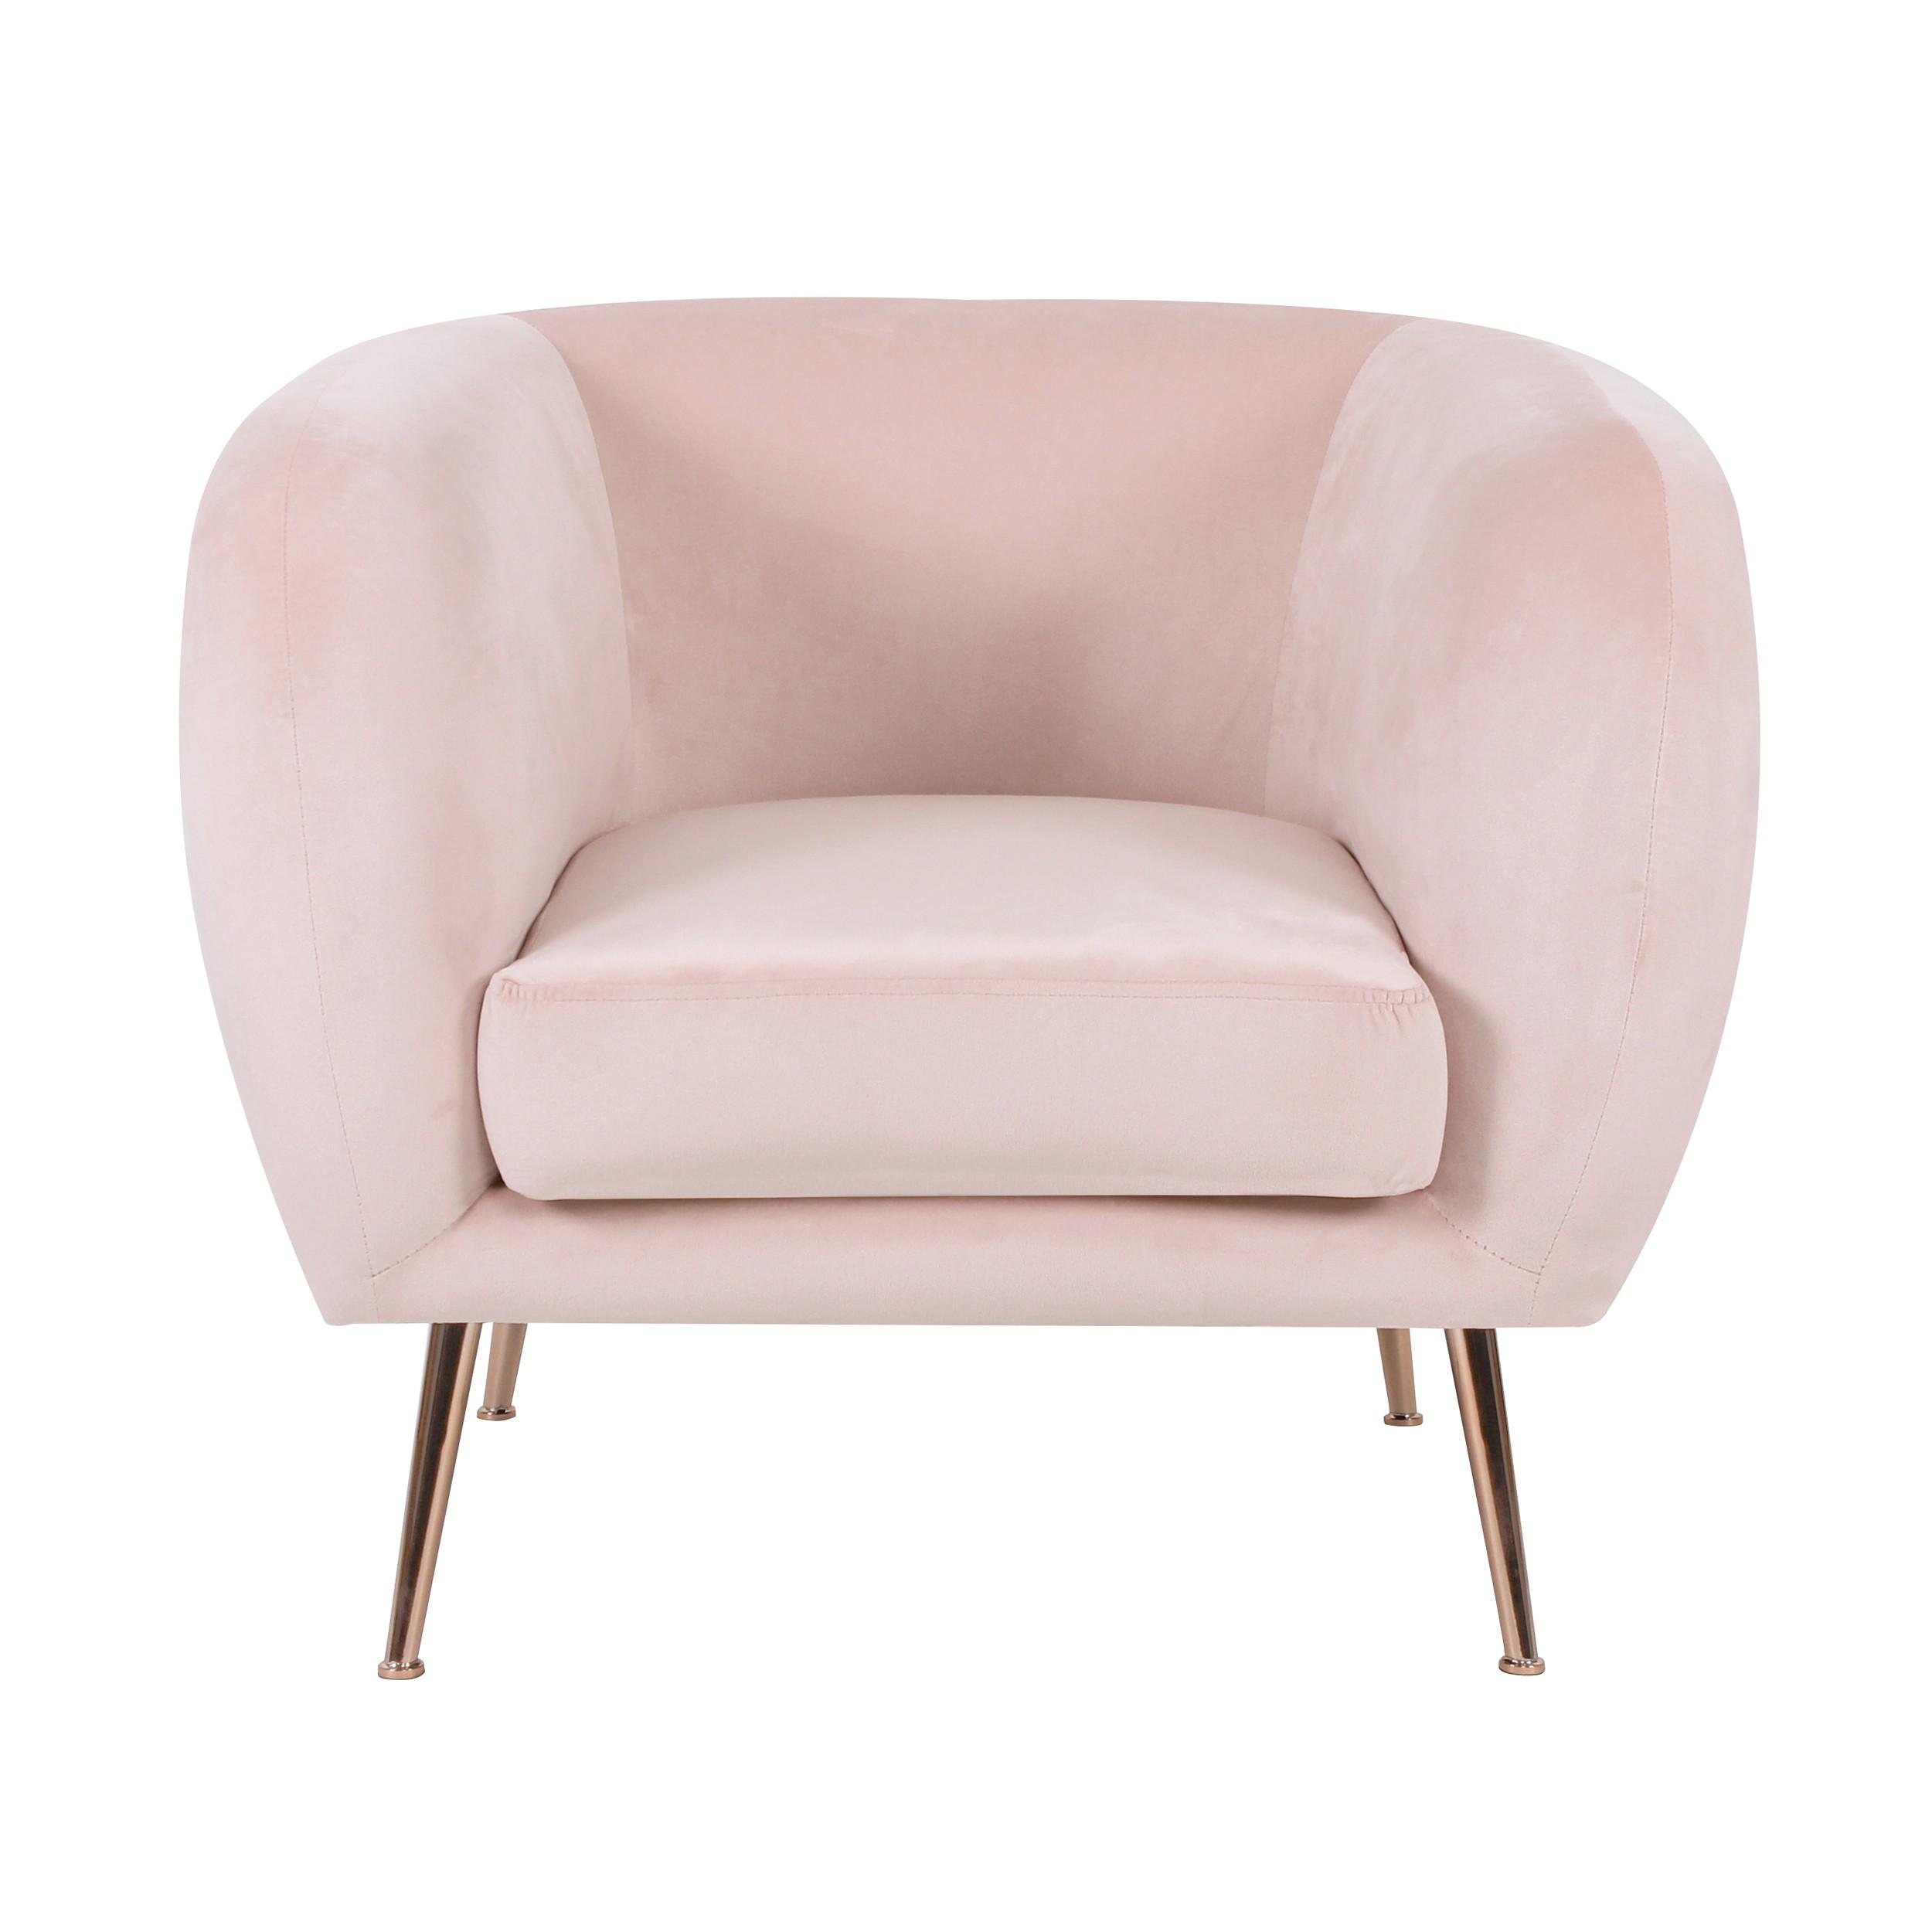 acheter fauteuil en velours rose clair